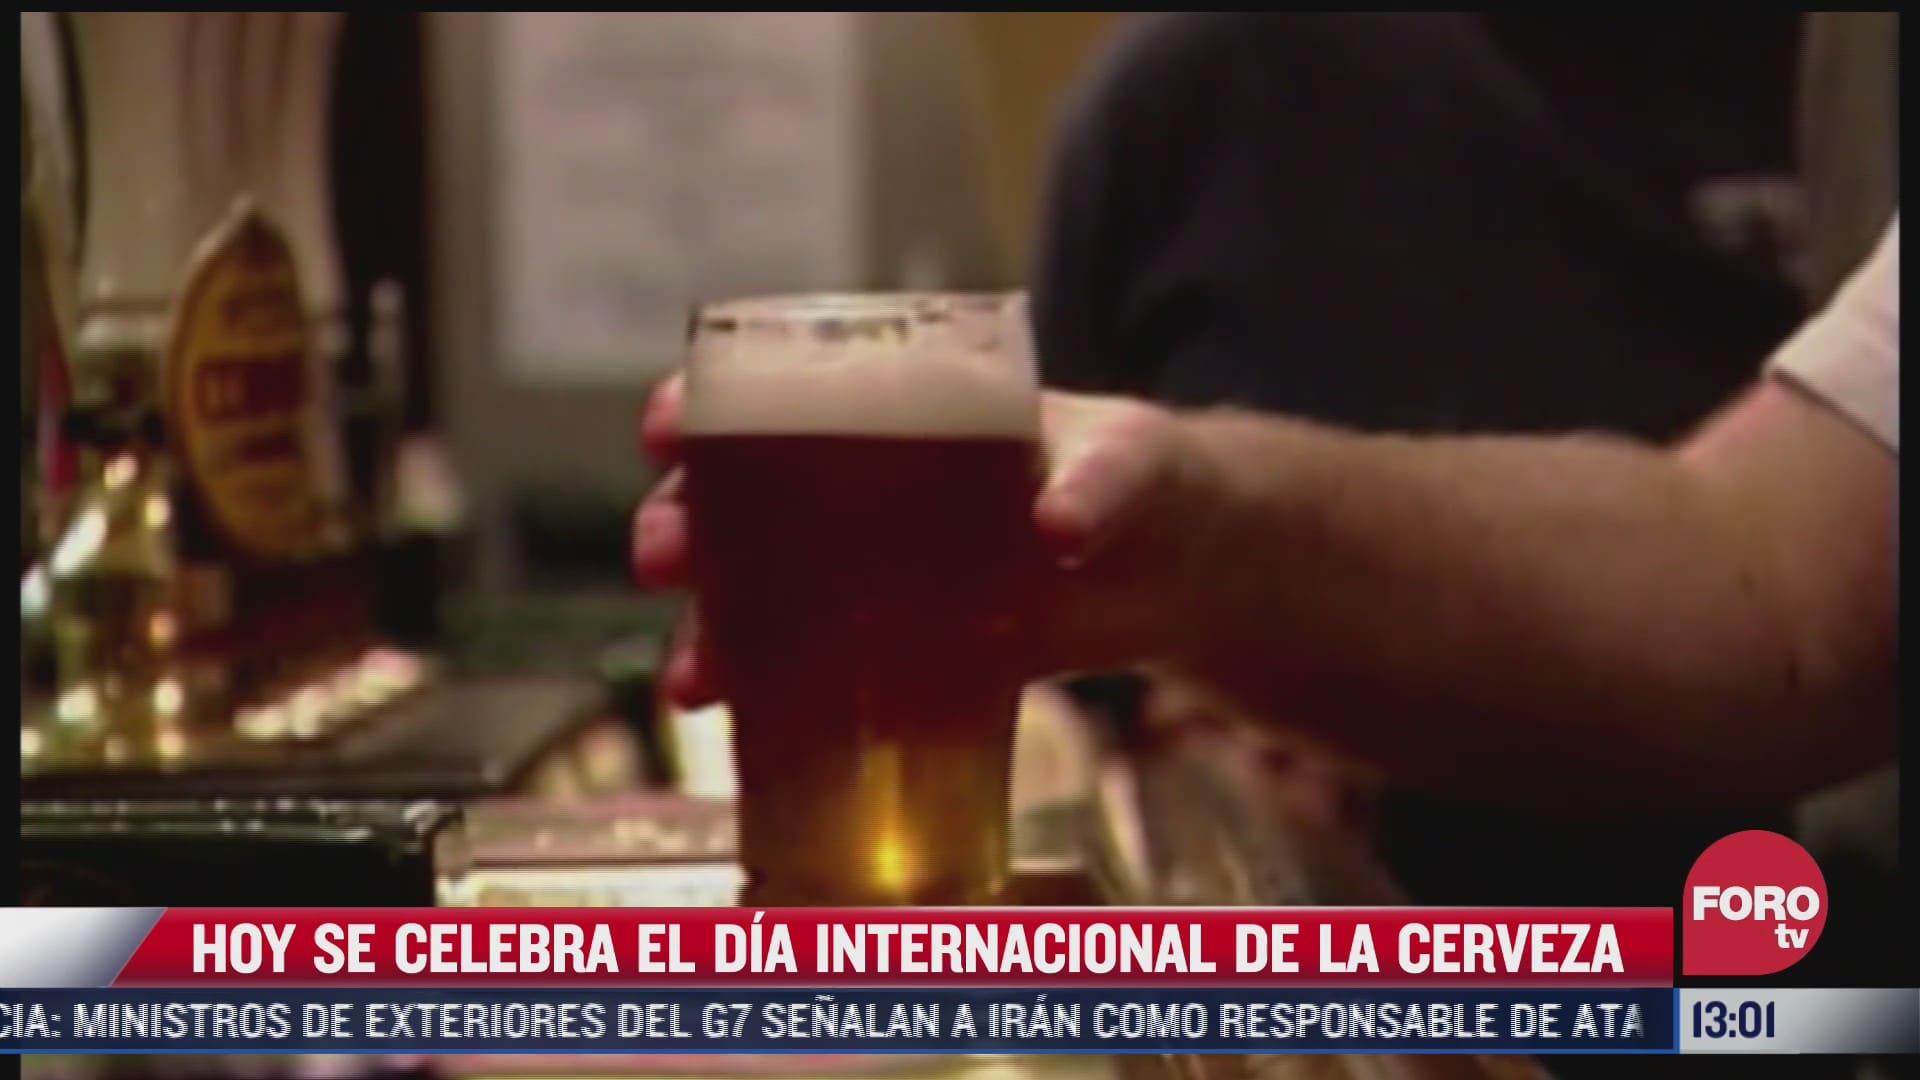 hoy viernes 6 de agosto se celebra el dia internacional de la cerveza